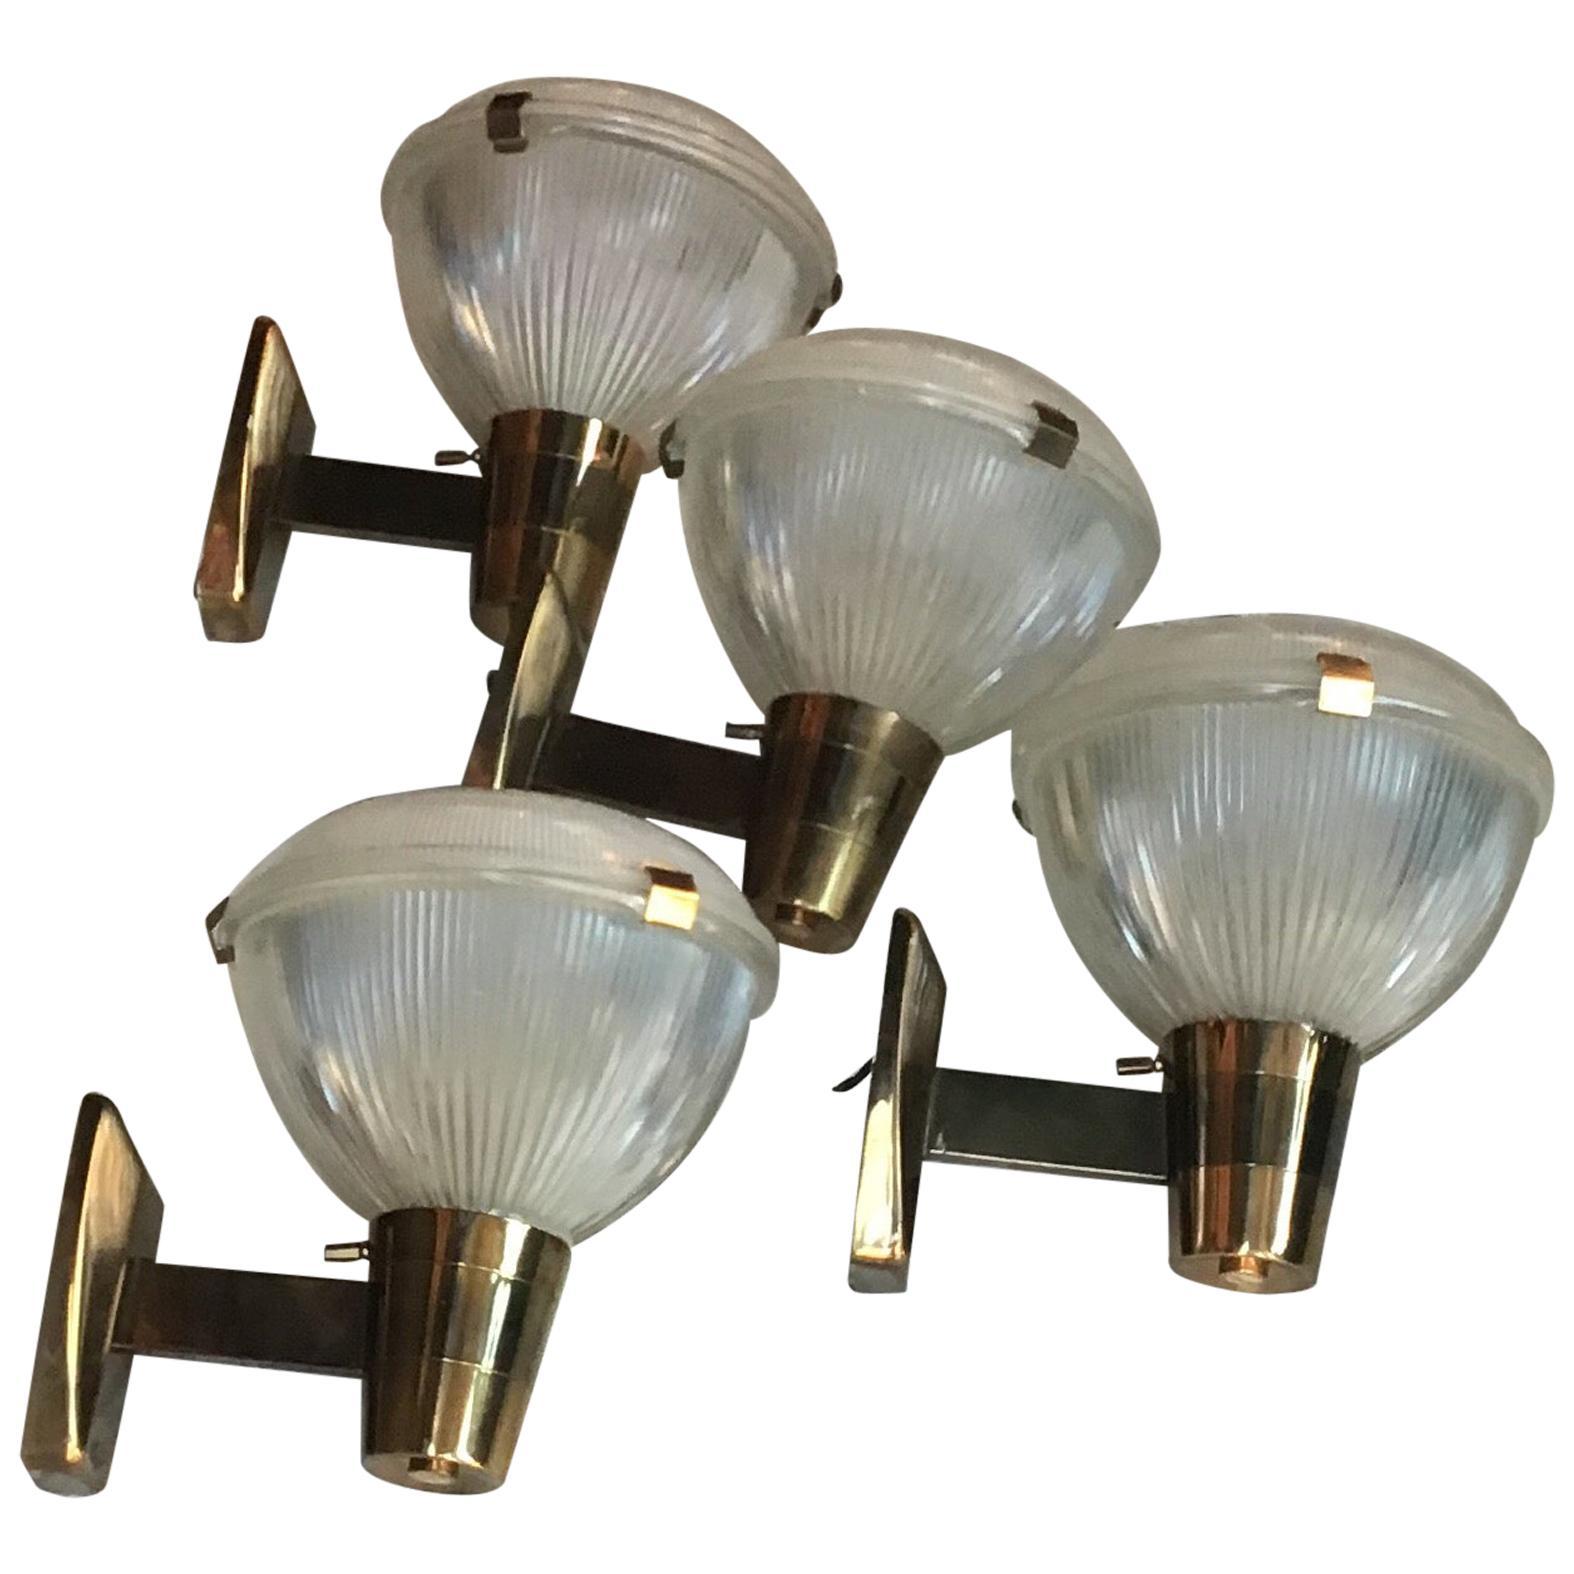 Stilnovo Sconces Brass Glass 1955 Italy